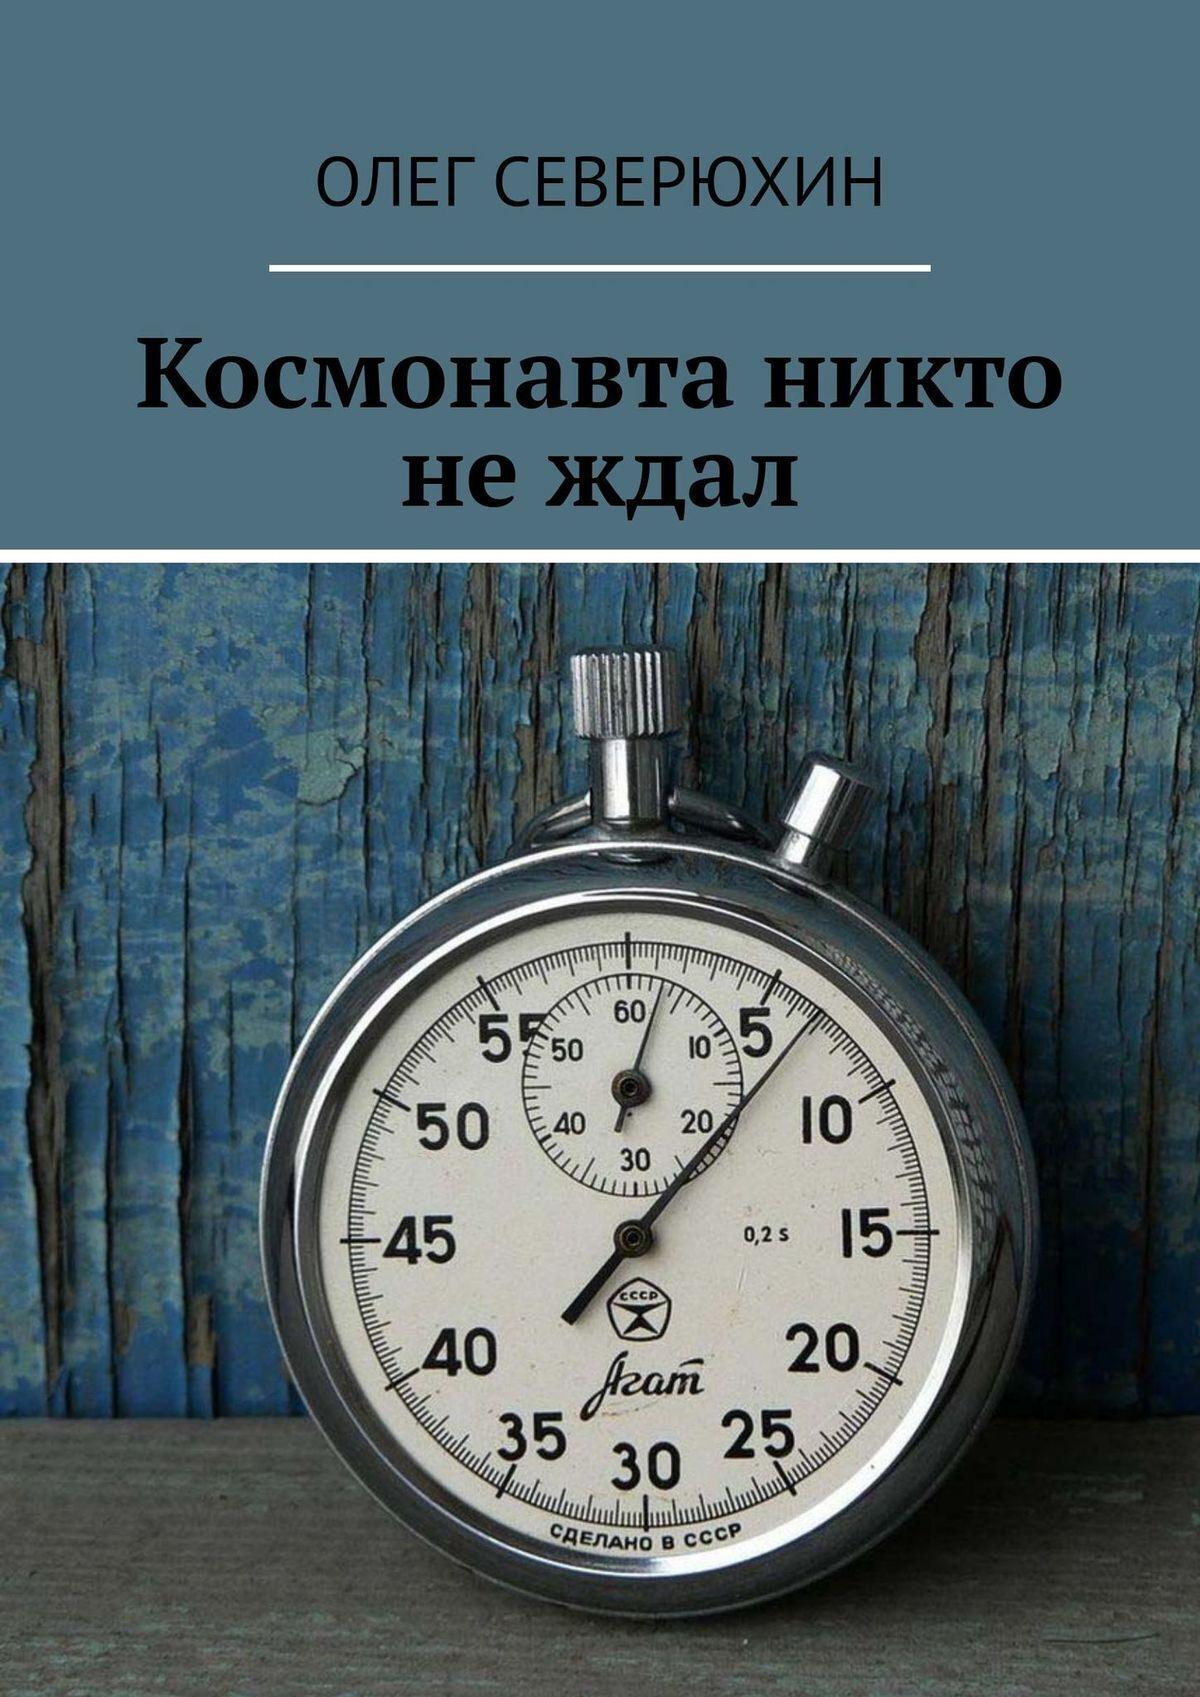 Олег Васильевич Северюхин Космонавта никто не ждал олег васильевич северюхин утро 2020 года